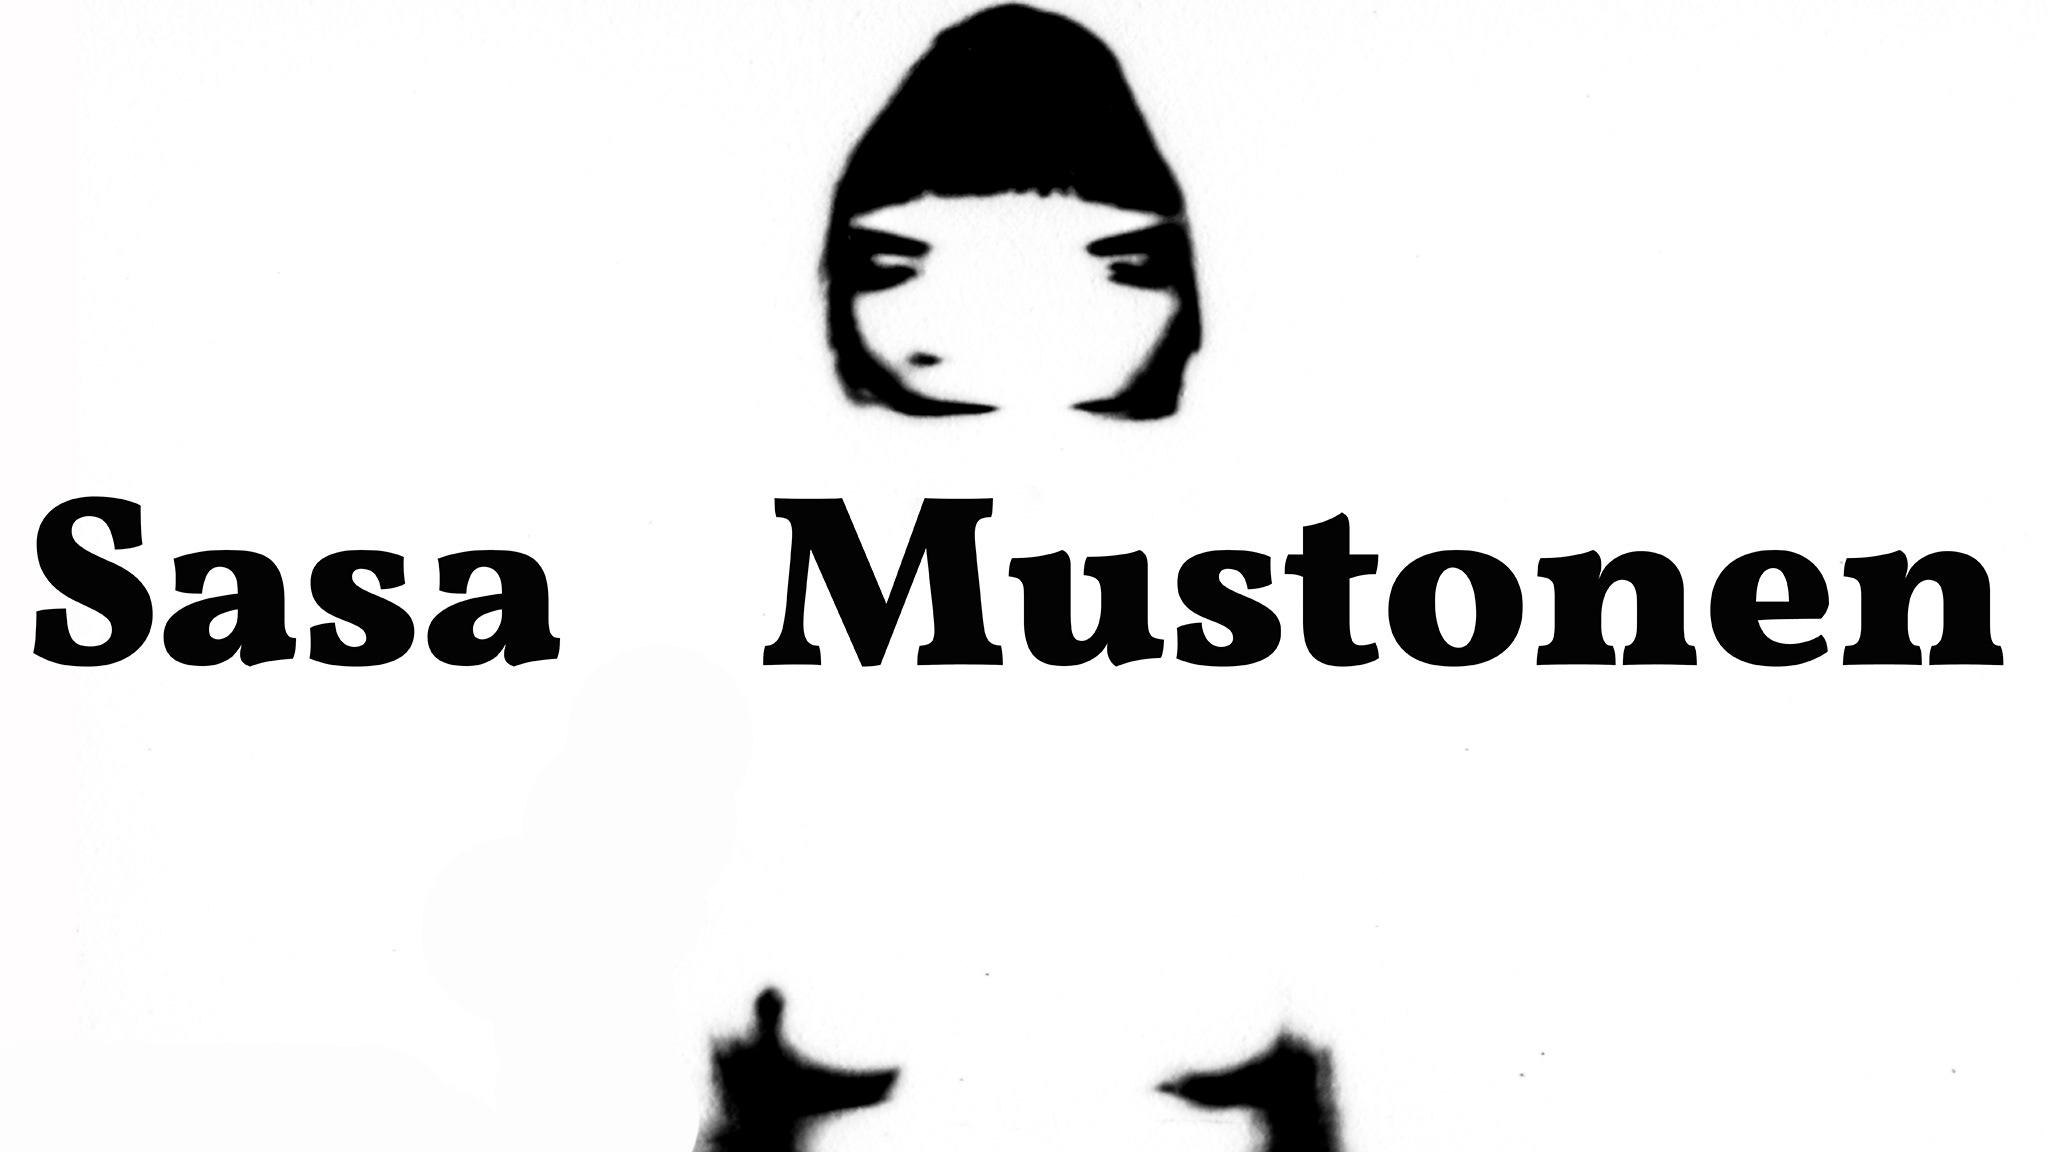 Sasa Mustonen